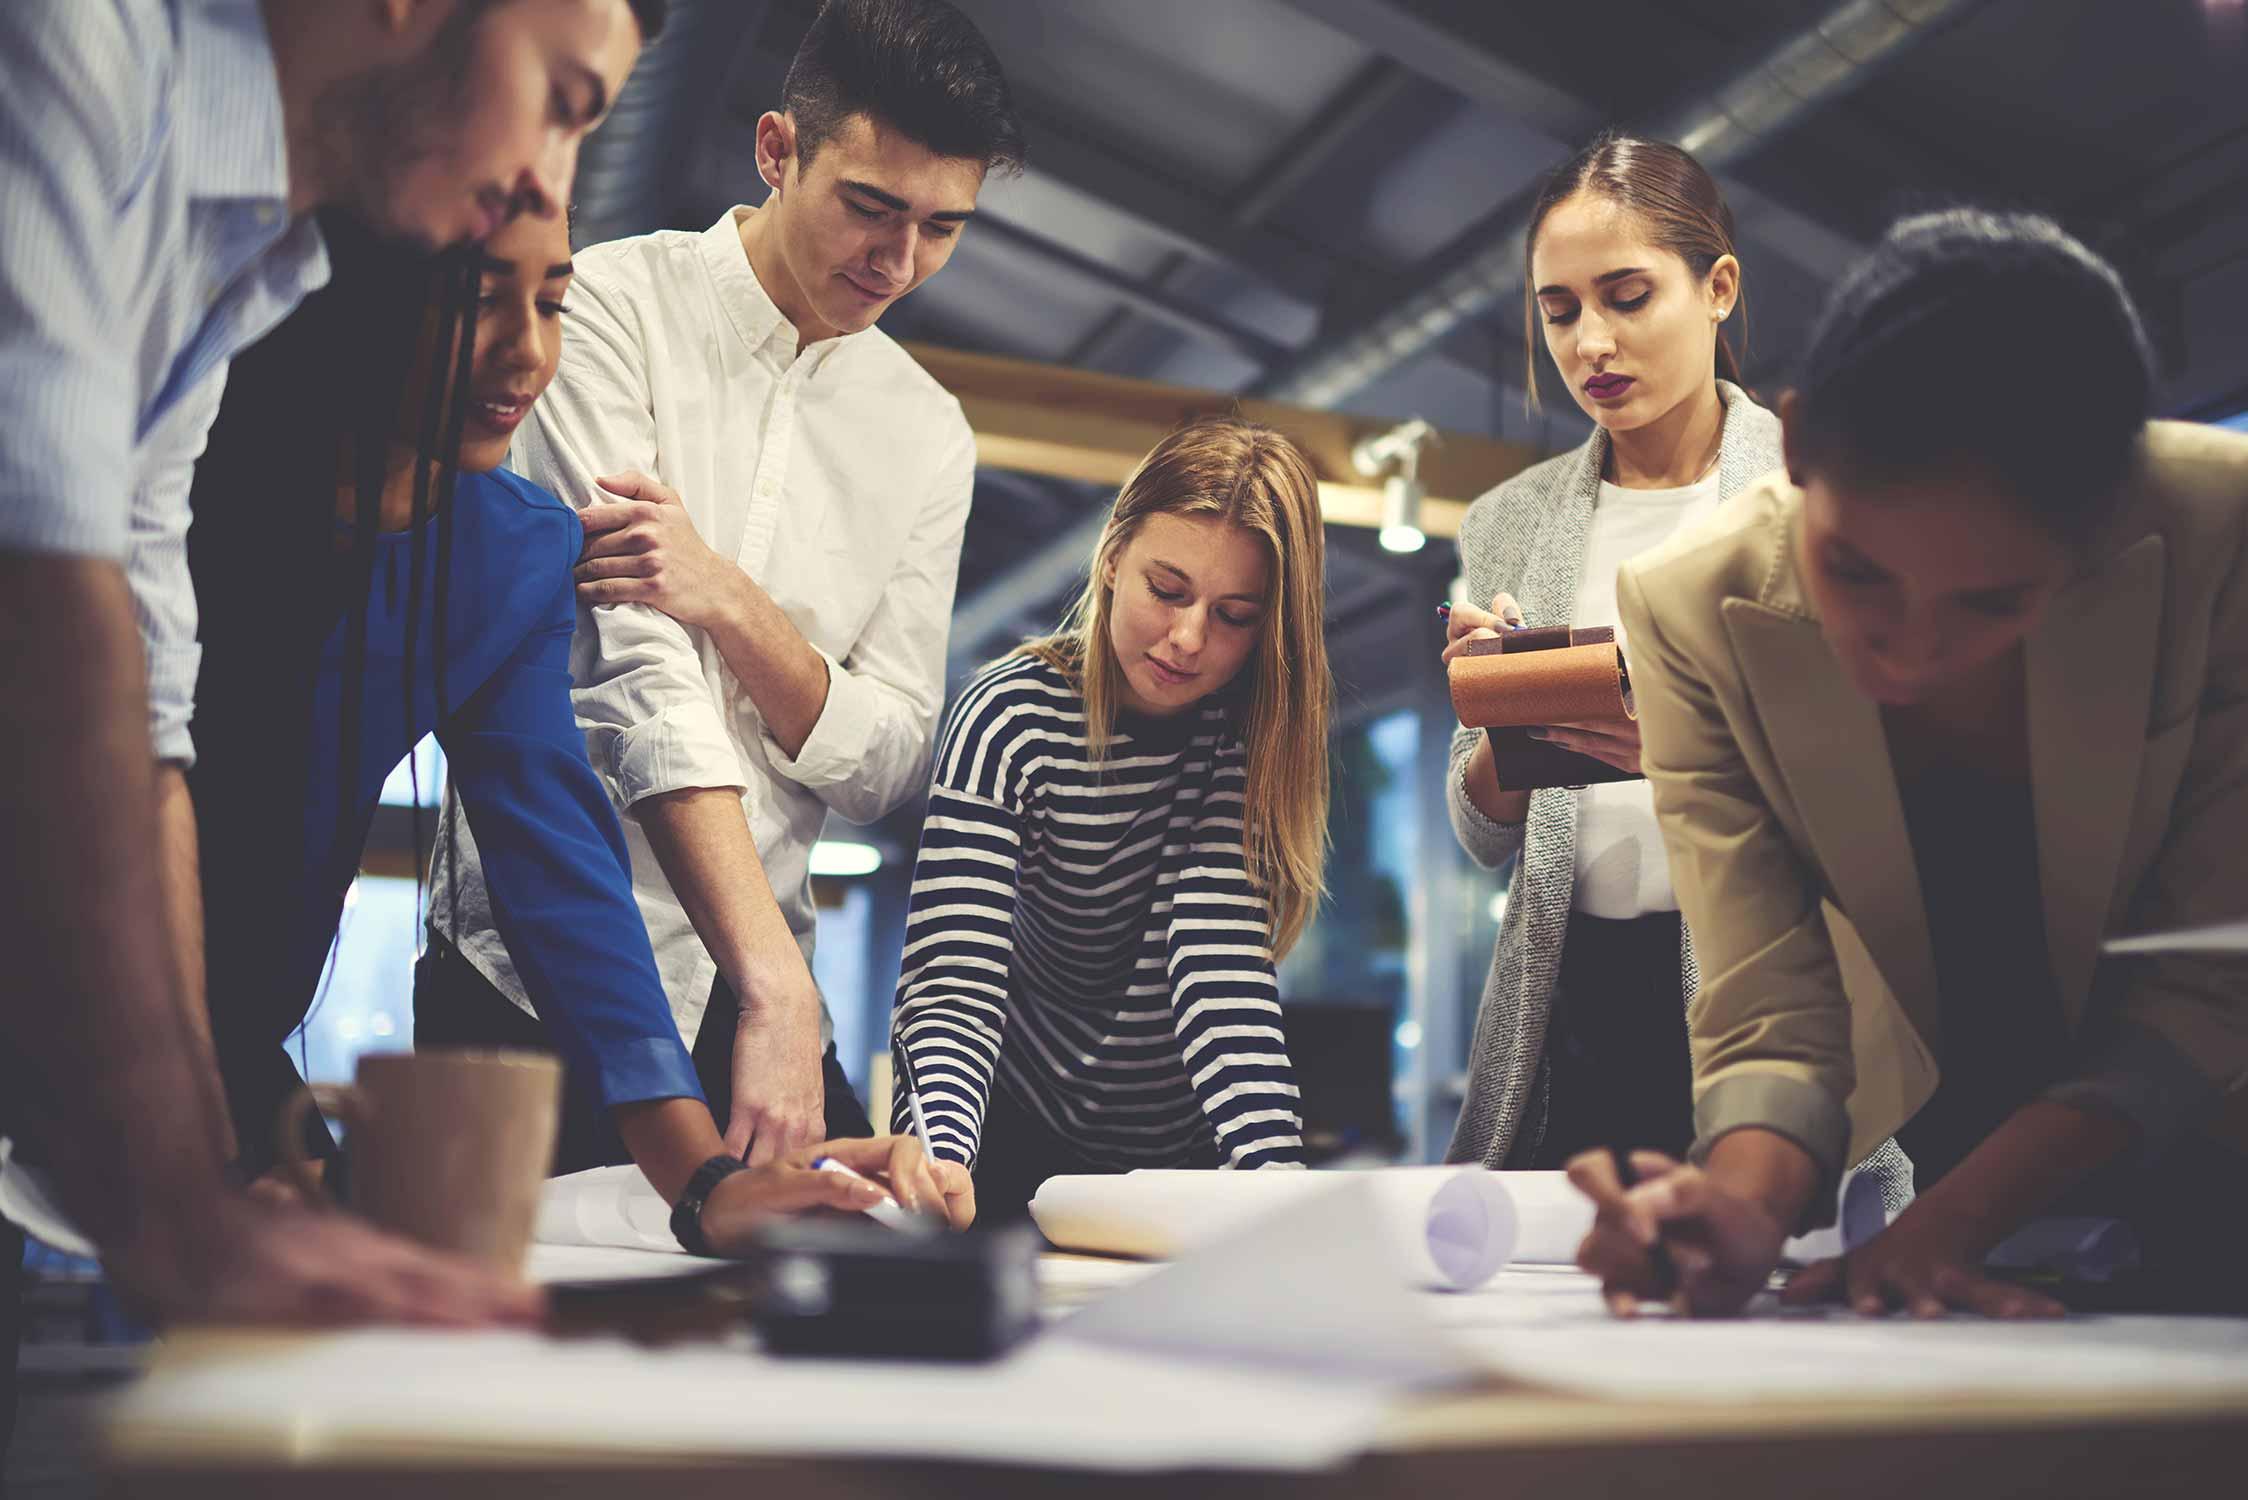 Eine Gruppe an Personen steht bei einem Tisch und brainstormed über eine neue, innovative Idee.